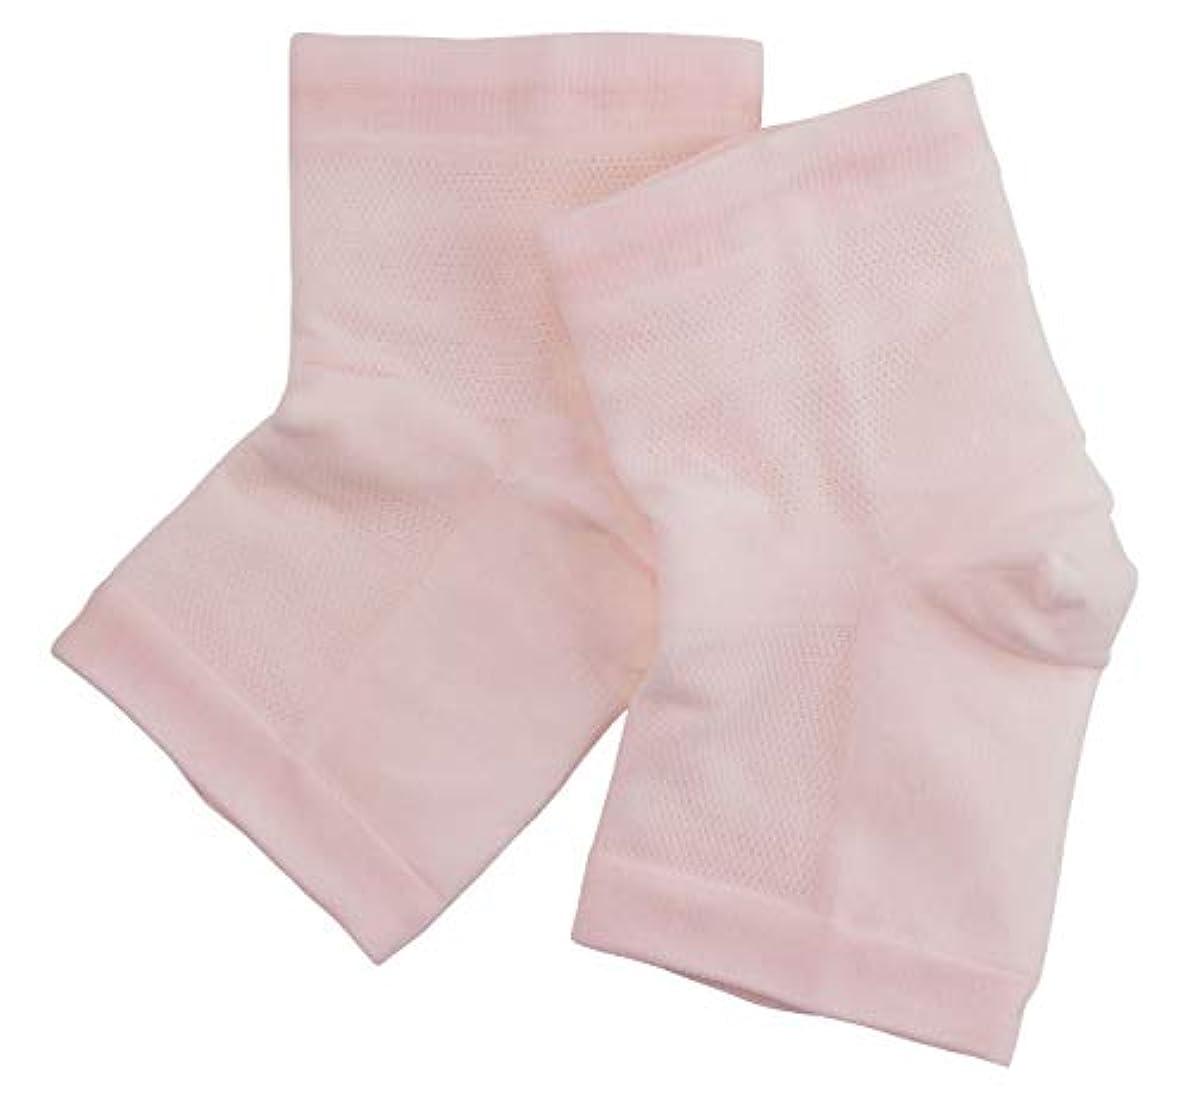 アンデス山脈スマートエージェント温むすび かかとケア靴下 【足うら美人潤いサポーター フリー(男女兼用) パールピンク】 ひび割れ ケア